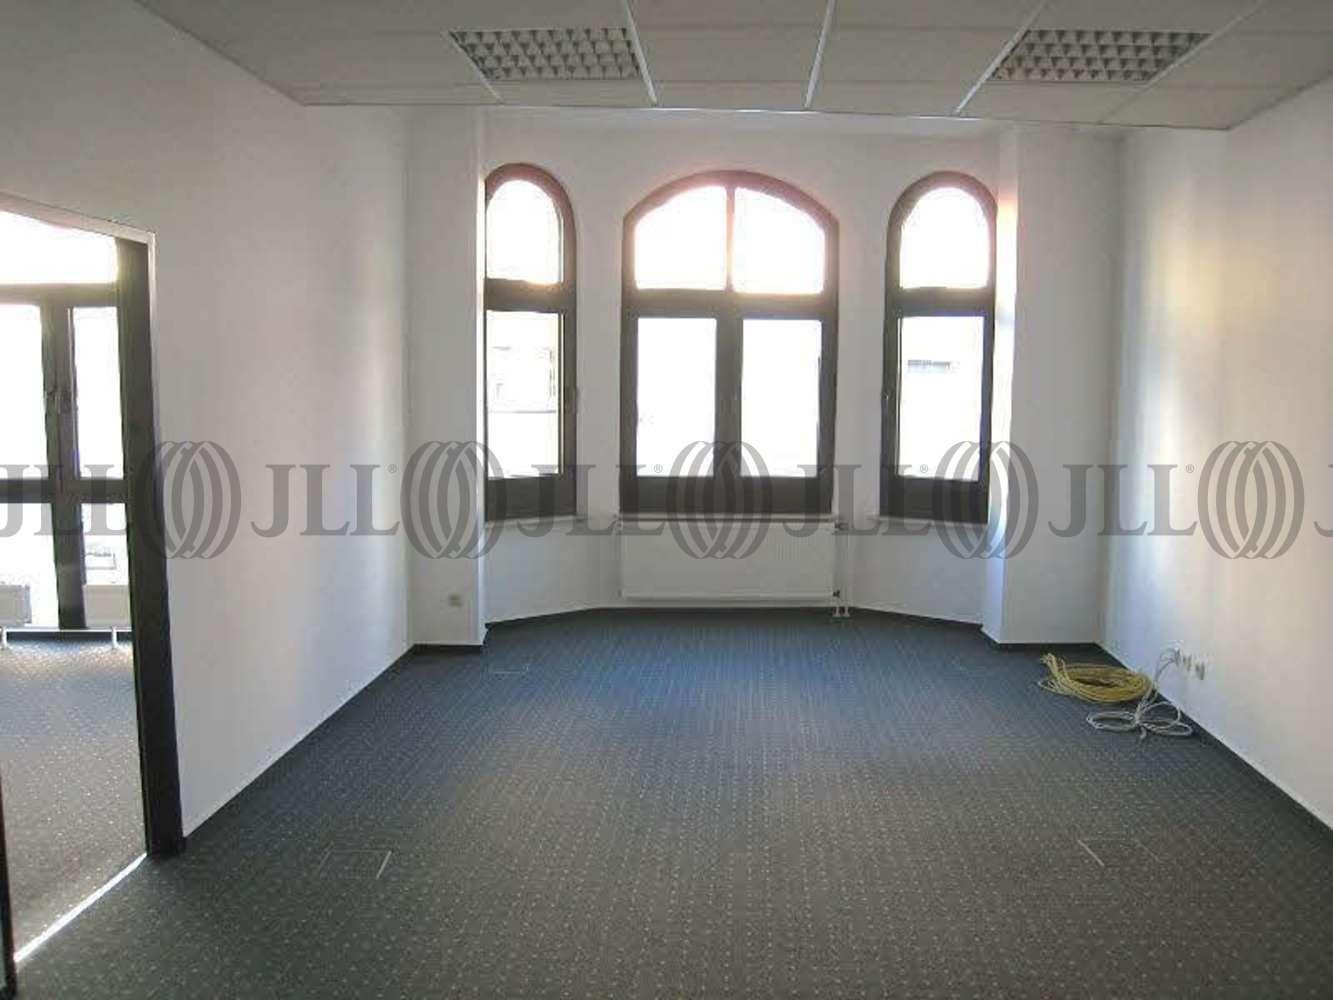 Büros Frankfurt am main, 60313 - Büro - Frankfurt am Main, Innenstadt - F1705 - 9413249